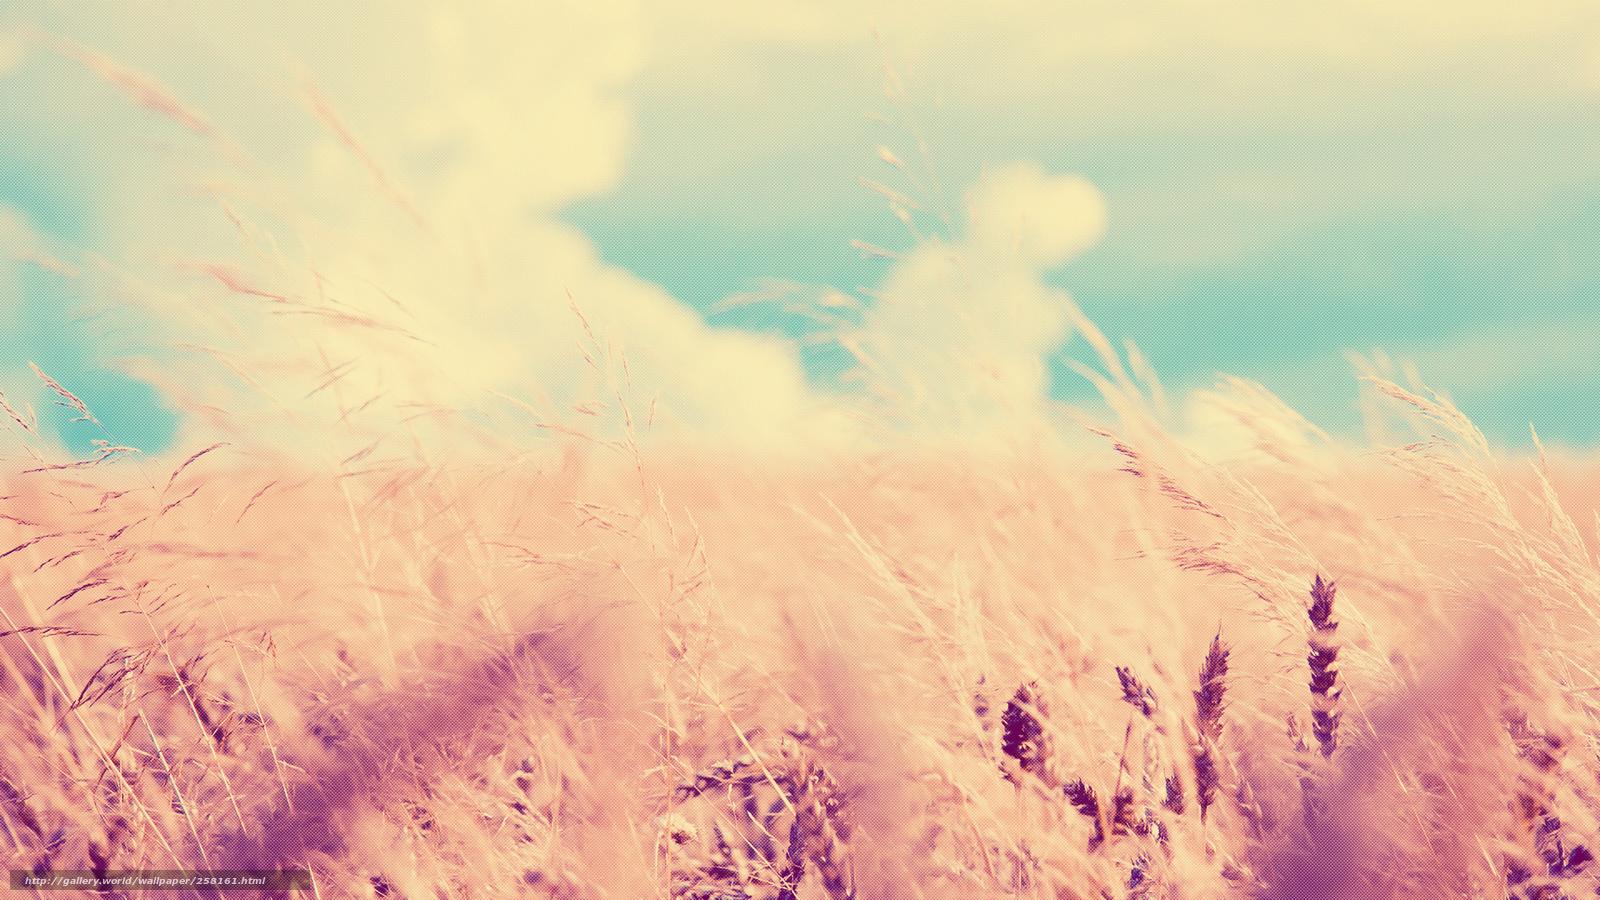 Descargar Gratis Cereales Cielo Las Nubes Fondos De